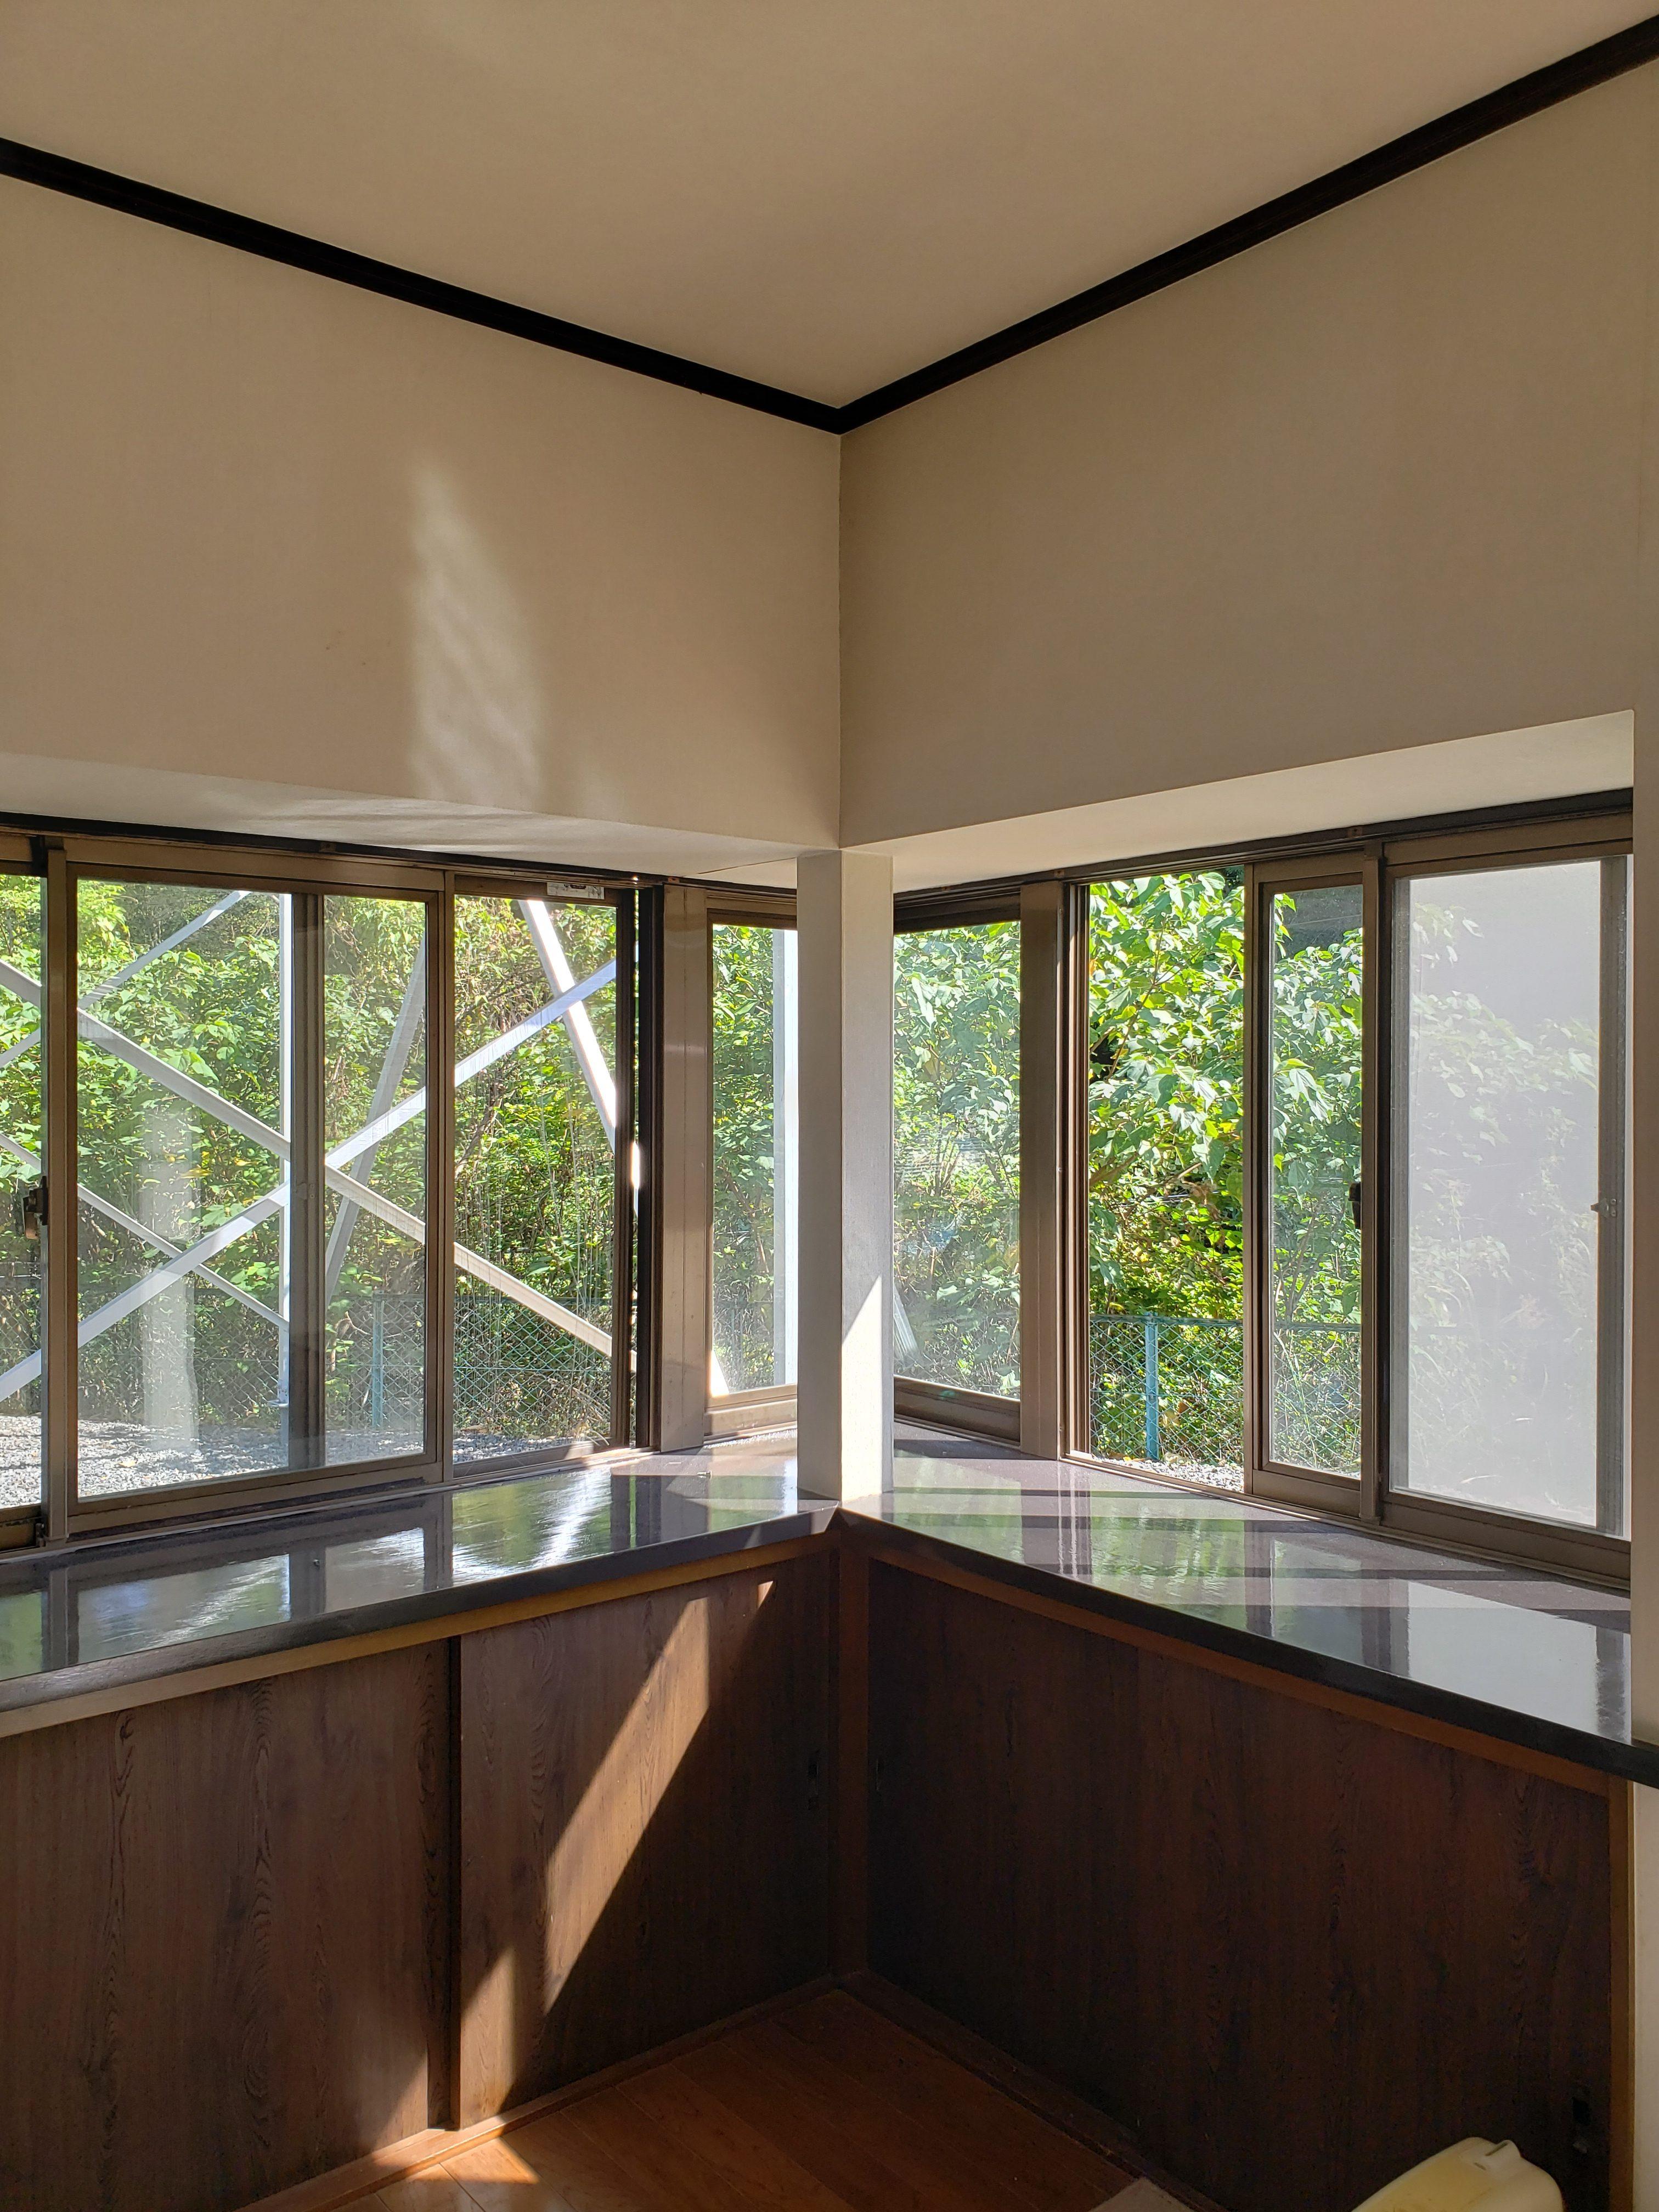 ギャラリーパティオのインプラス コーナー出窓の施工後の写真1